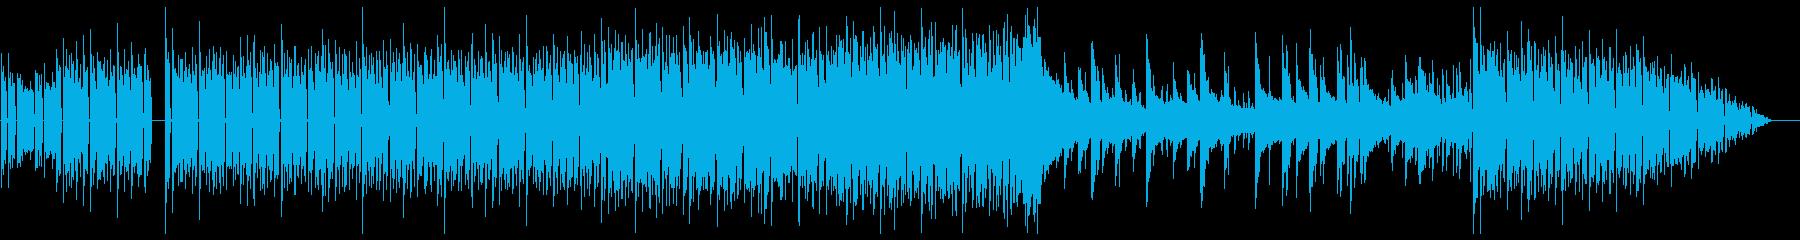 透明感のあるお洒落でクールな電子音楽の再生済みの波形